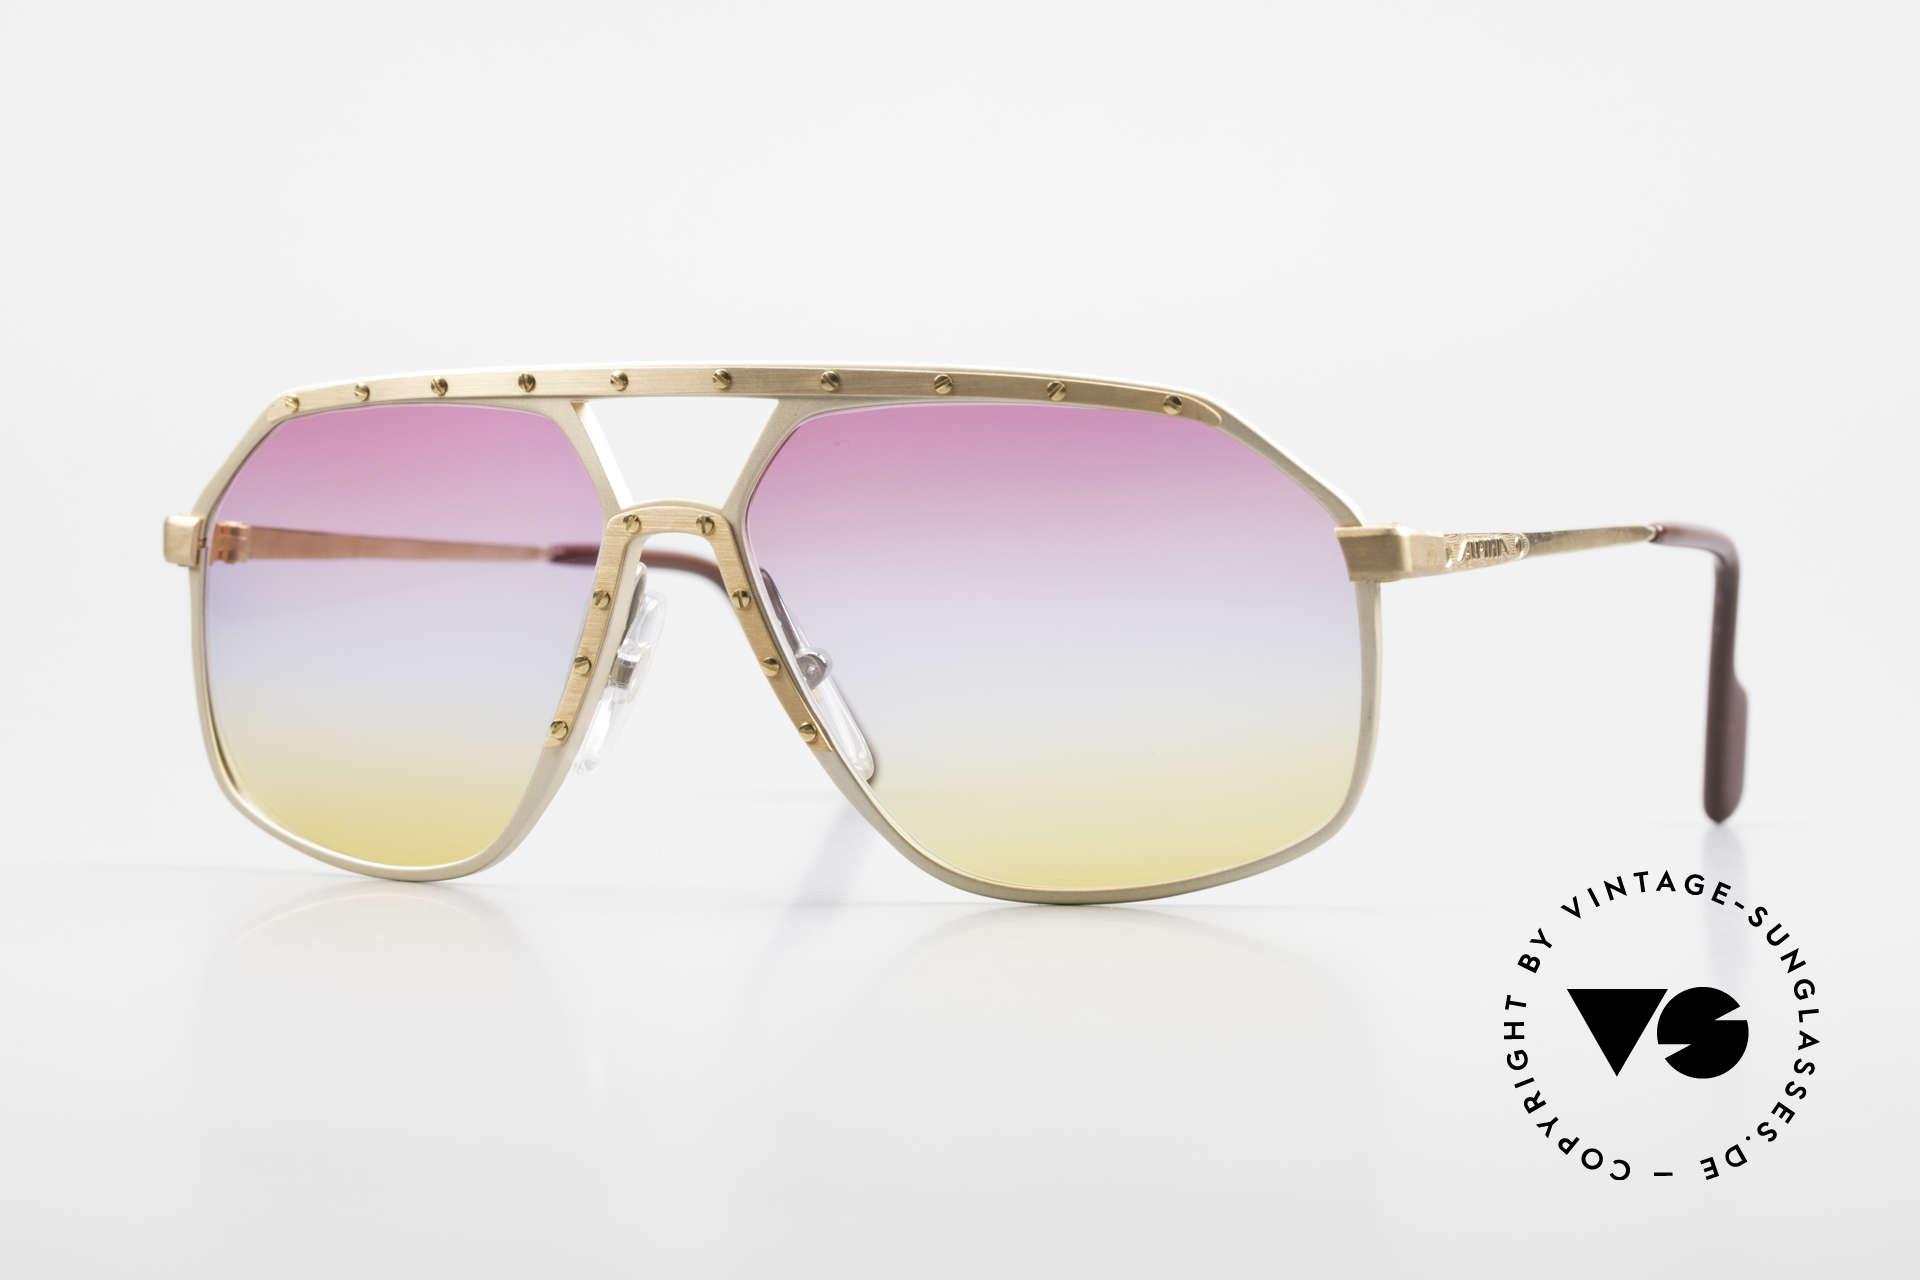 Alpina M6 80er Brillenklassiker Sunset, alte Alpina M6 VINTAGE Brille mit Sunset Gläsern, Passend für Herren und Damen